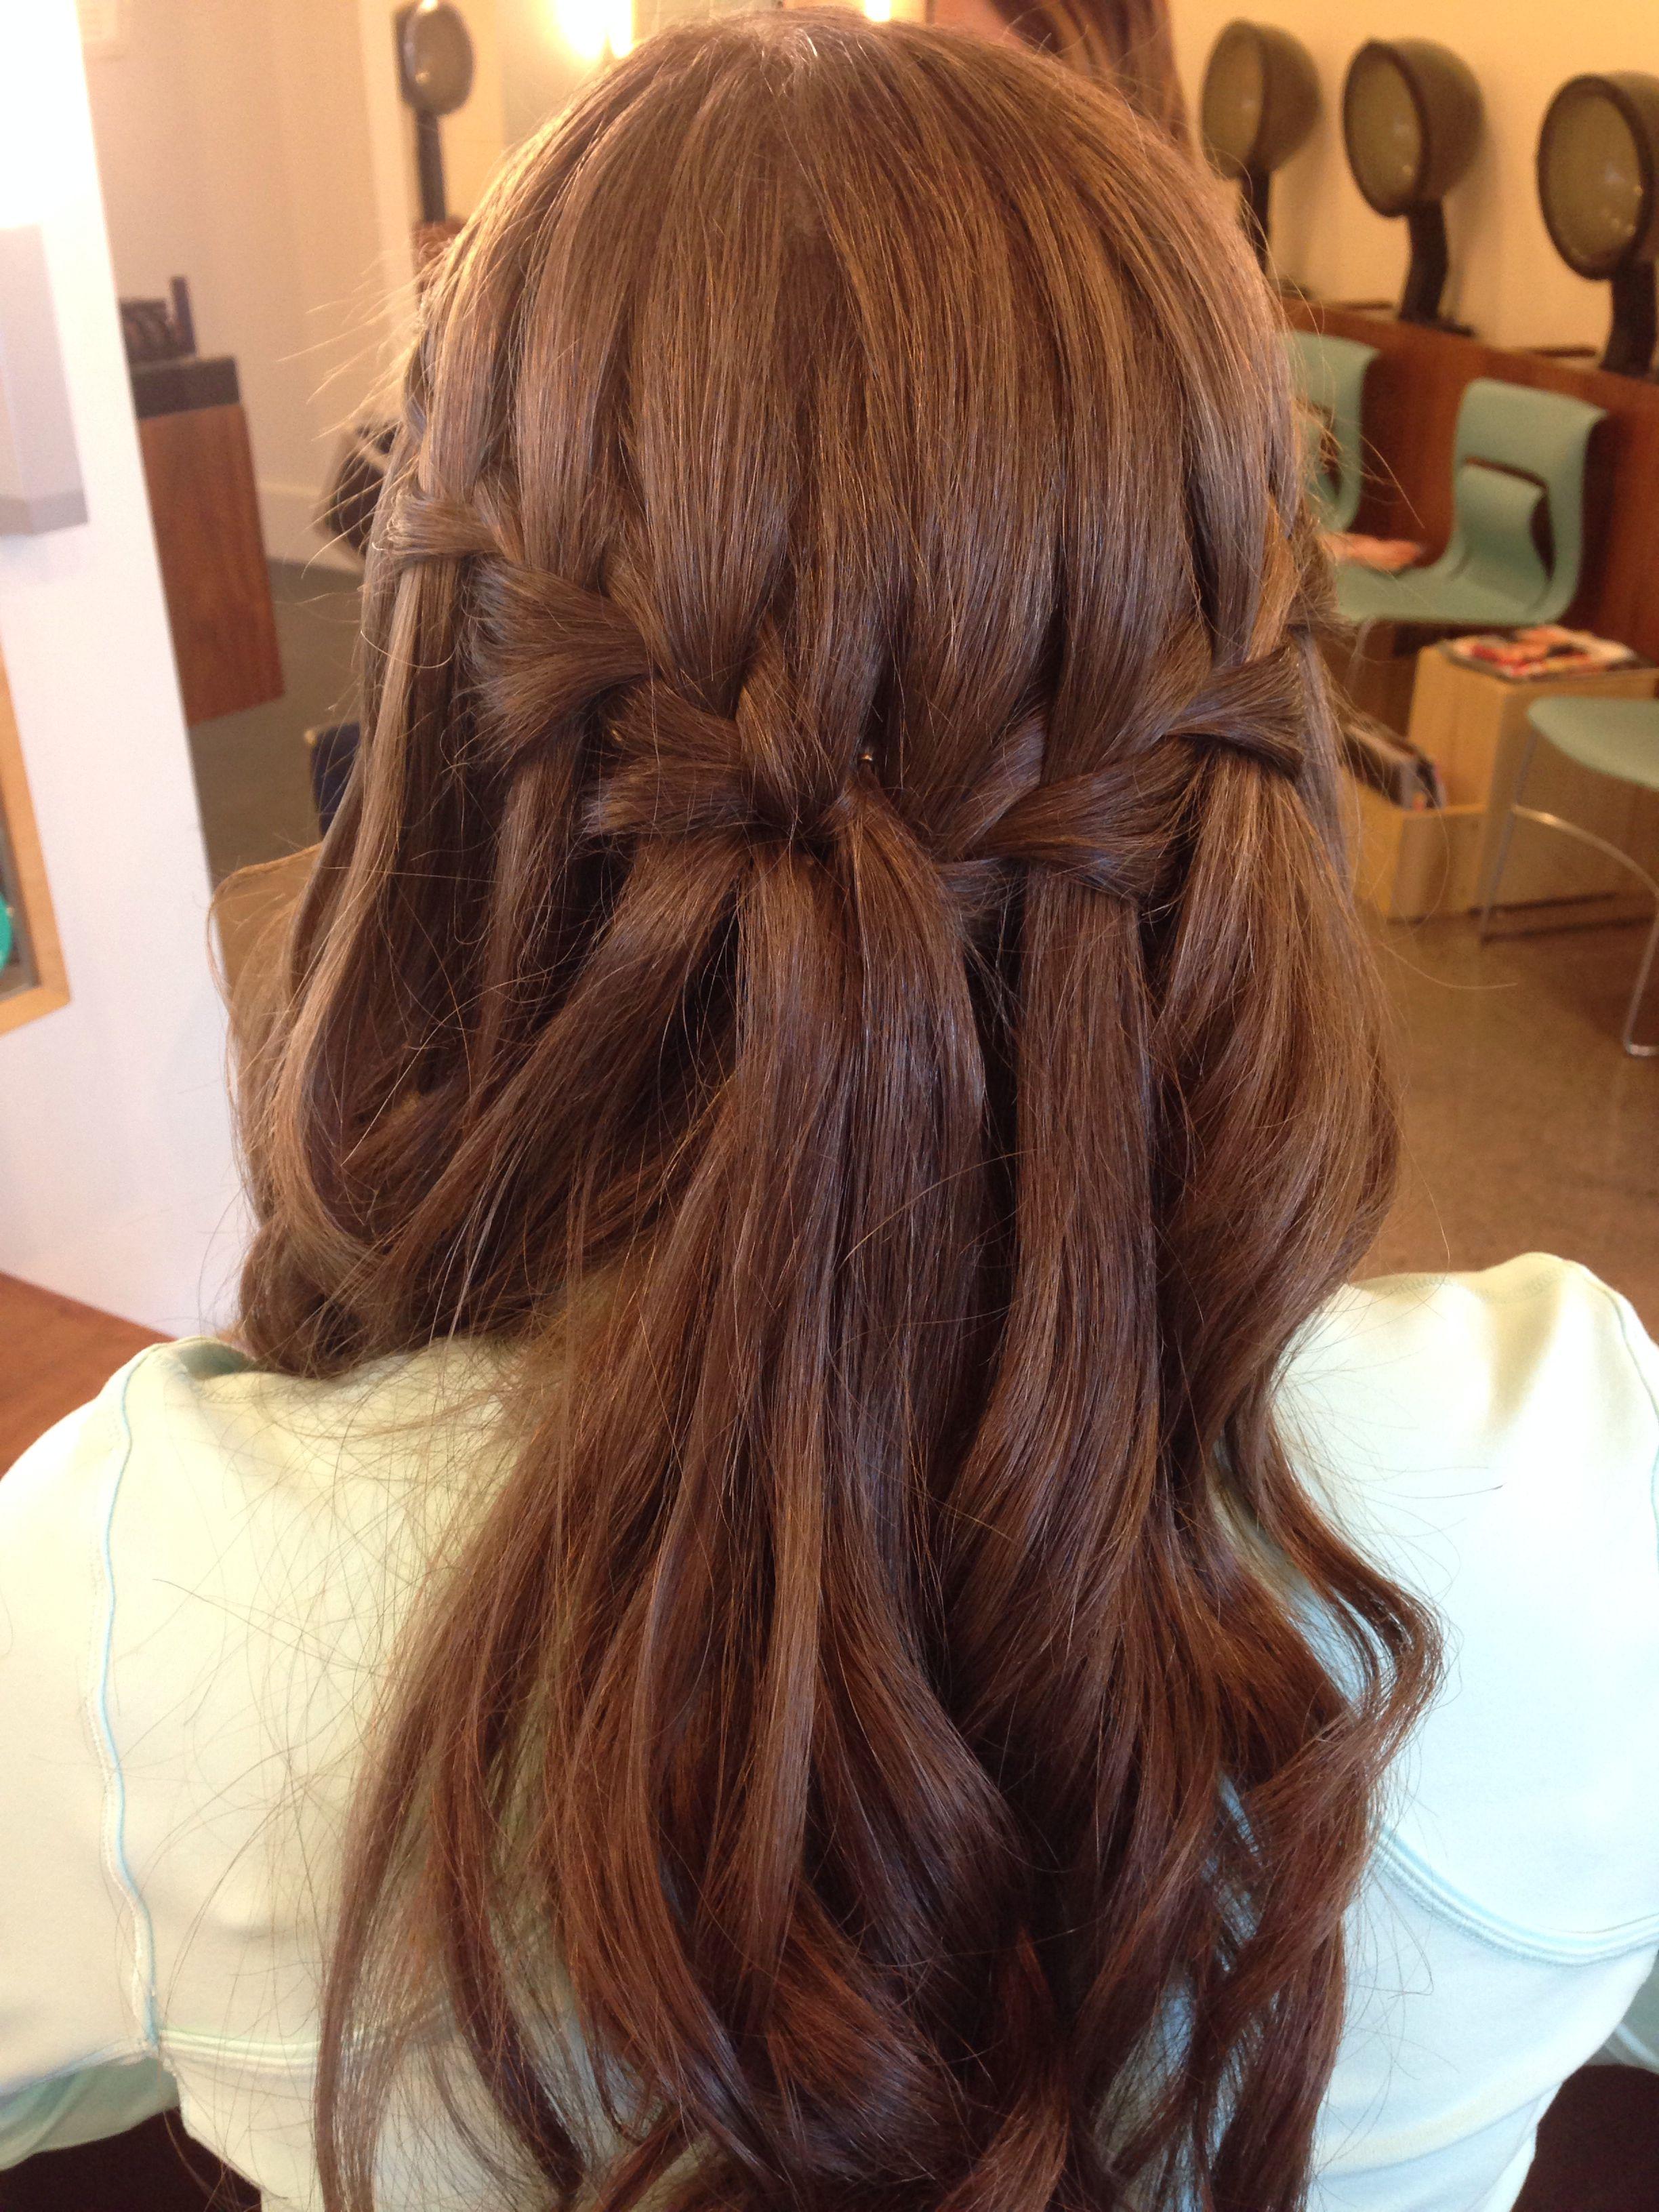 Double waterfall braid prom hair christihair